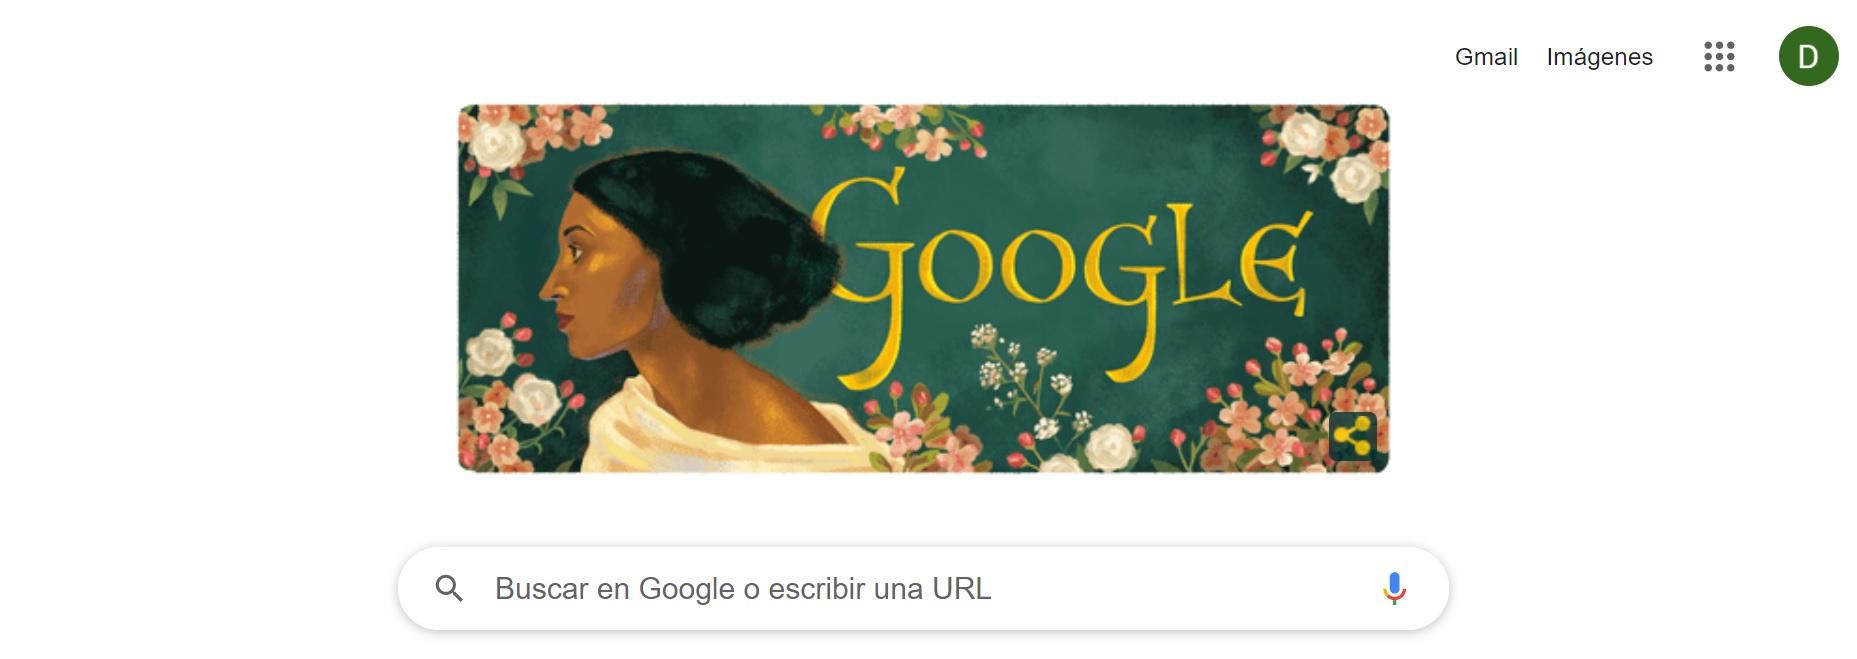 El doodle de Google homenajea a Fanny Eaton